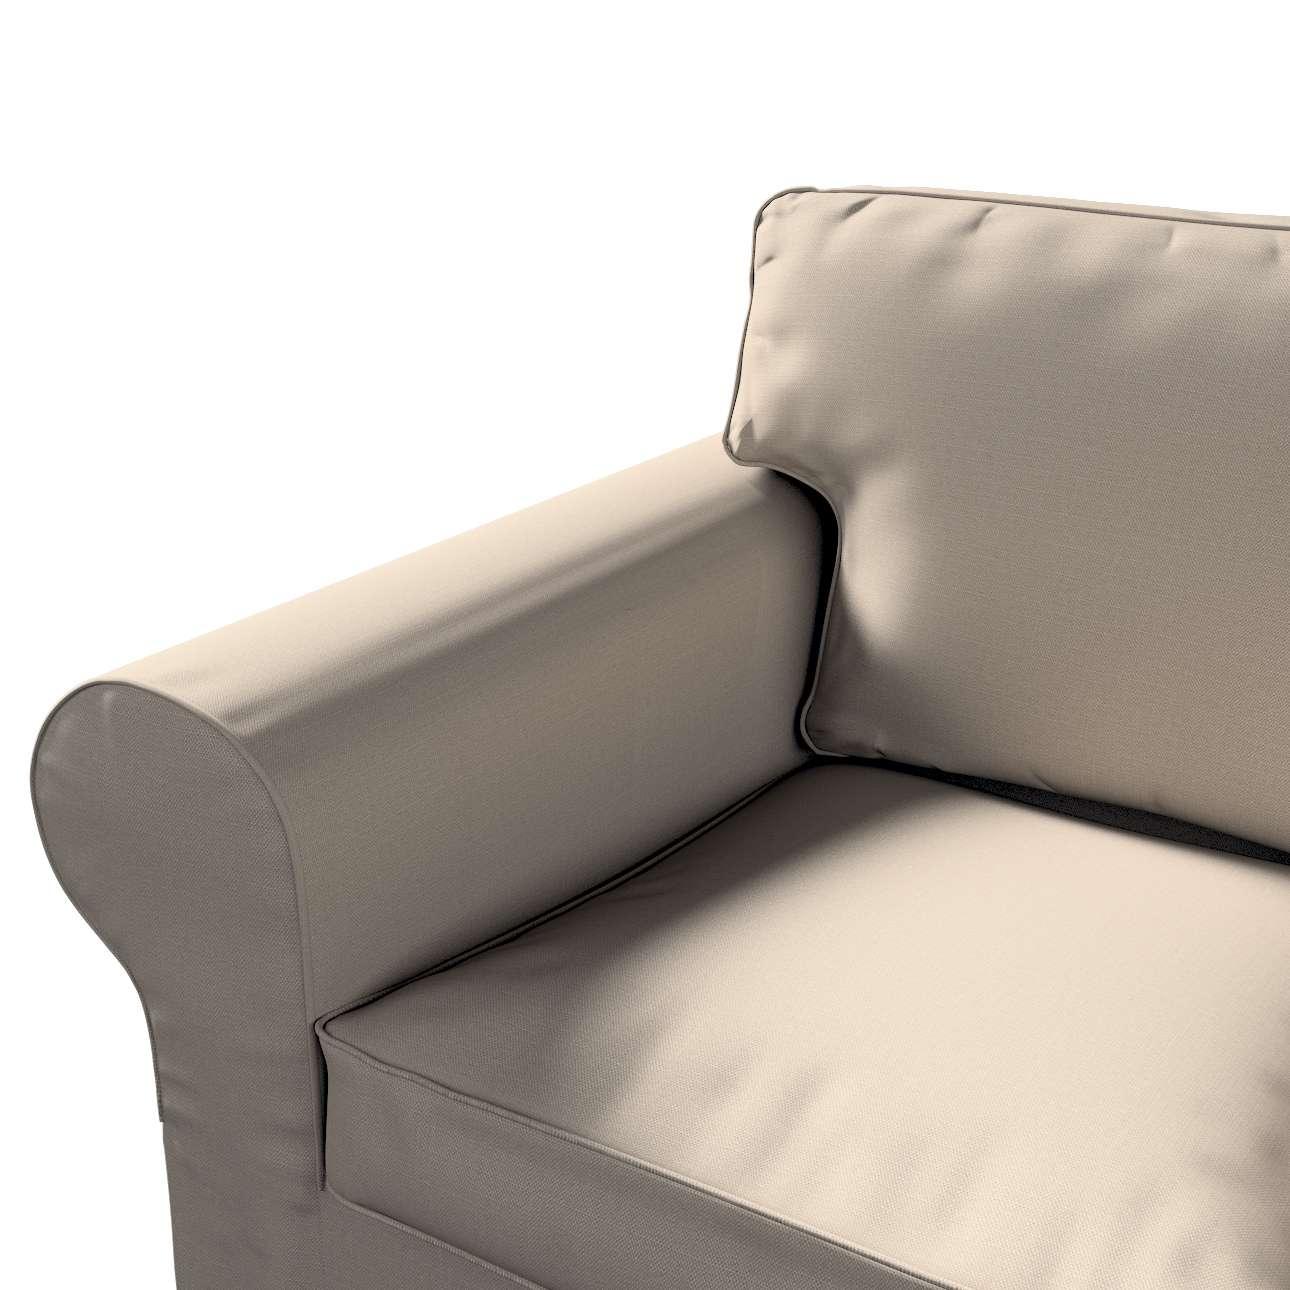 Pokrowiec na sofę Ektorp 2-osobową rozkładaną, model po 2012 w kolekcji Living, tkanina: 161-53